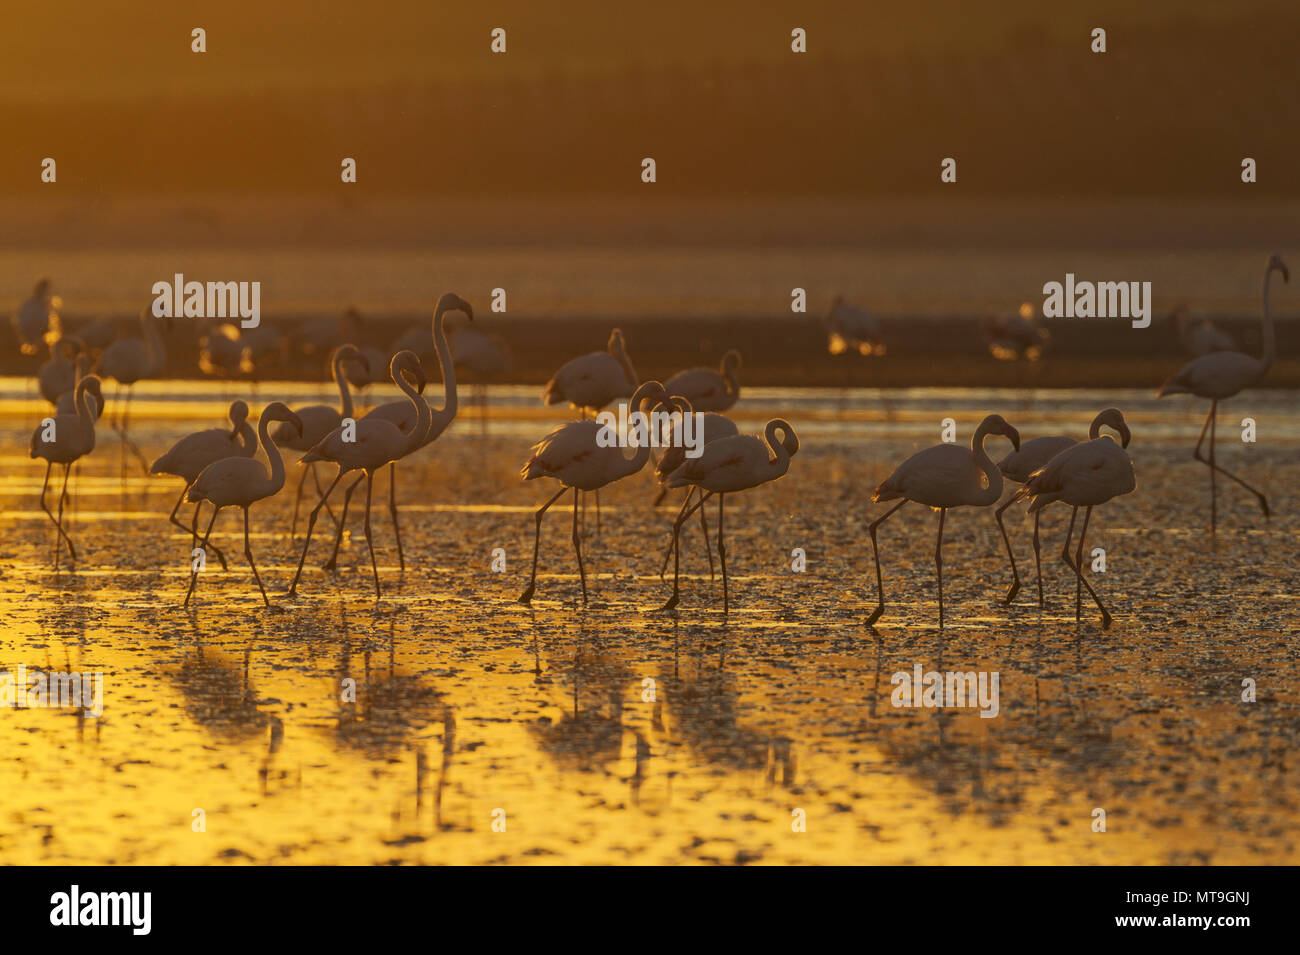 Fenicottero maggiore (Phoenicopterus roseus). Al tramonto presso la Laguna de Fuente de Piedra vicino alla città di Antequera. Questo è il più grande lago naturale in Andalusia e in Europa è solo la navigazione terreno fertile per questa specie. Provincia di Malaga, Andalusia, Spagna. Immagini Stock